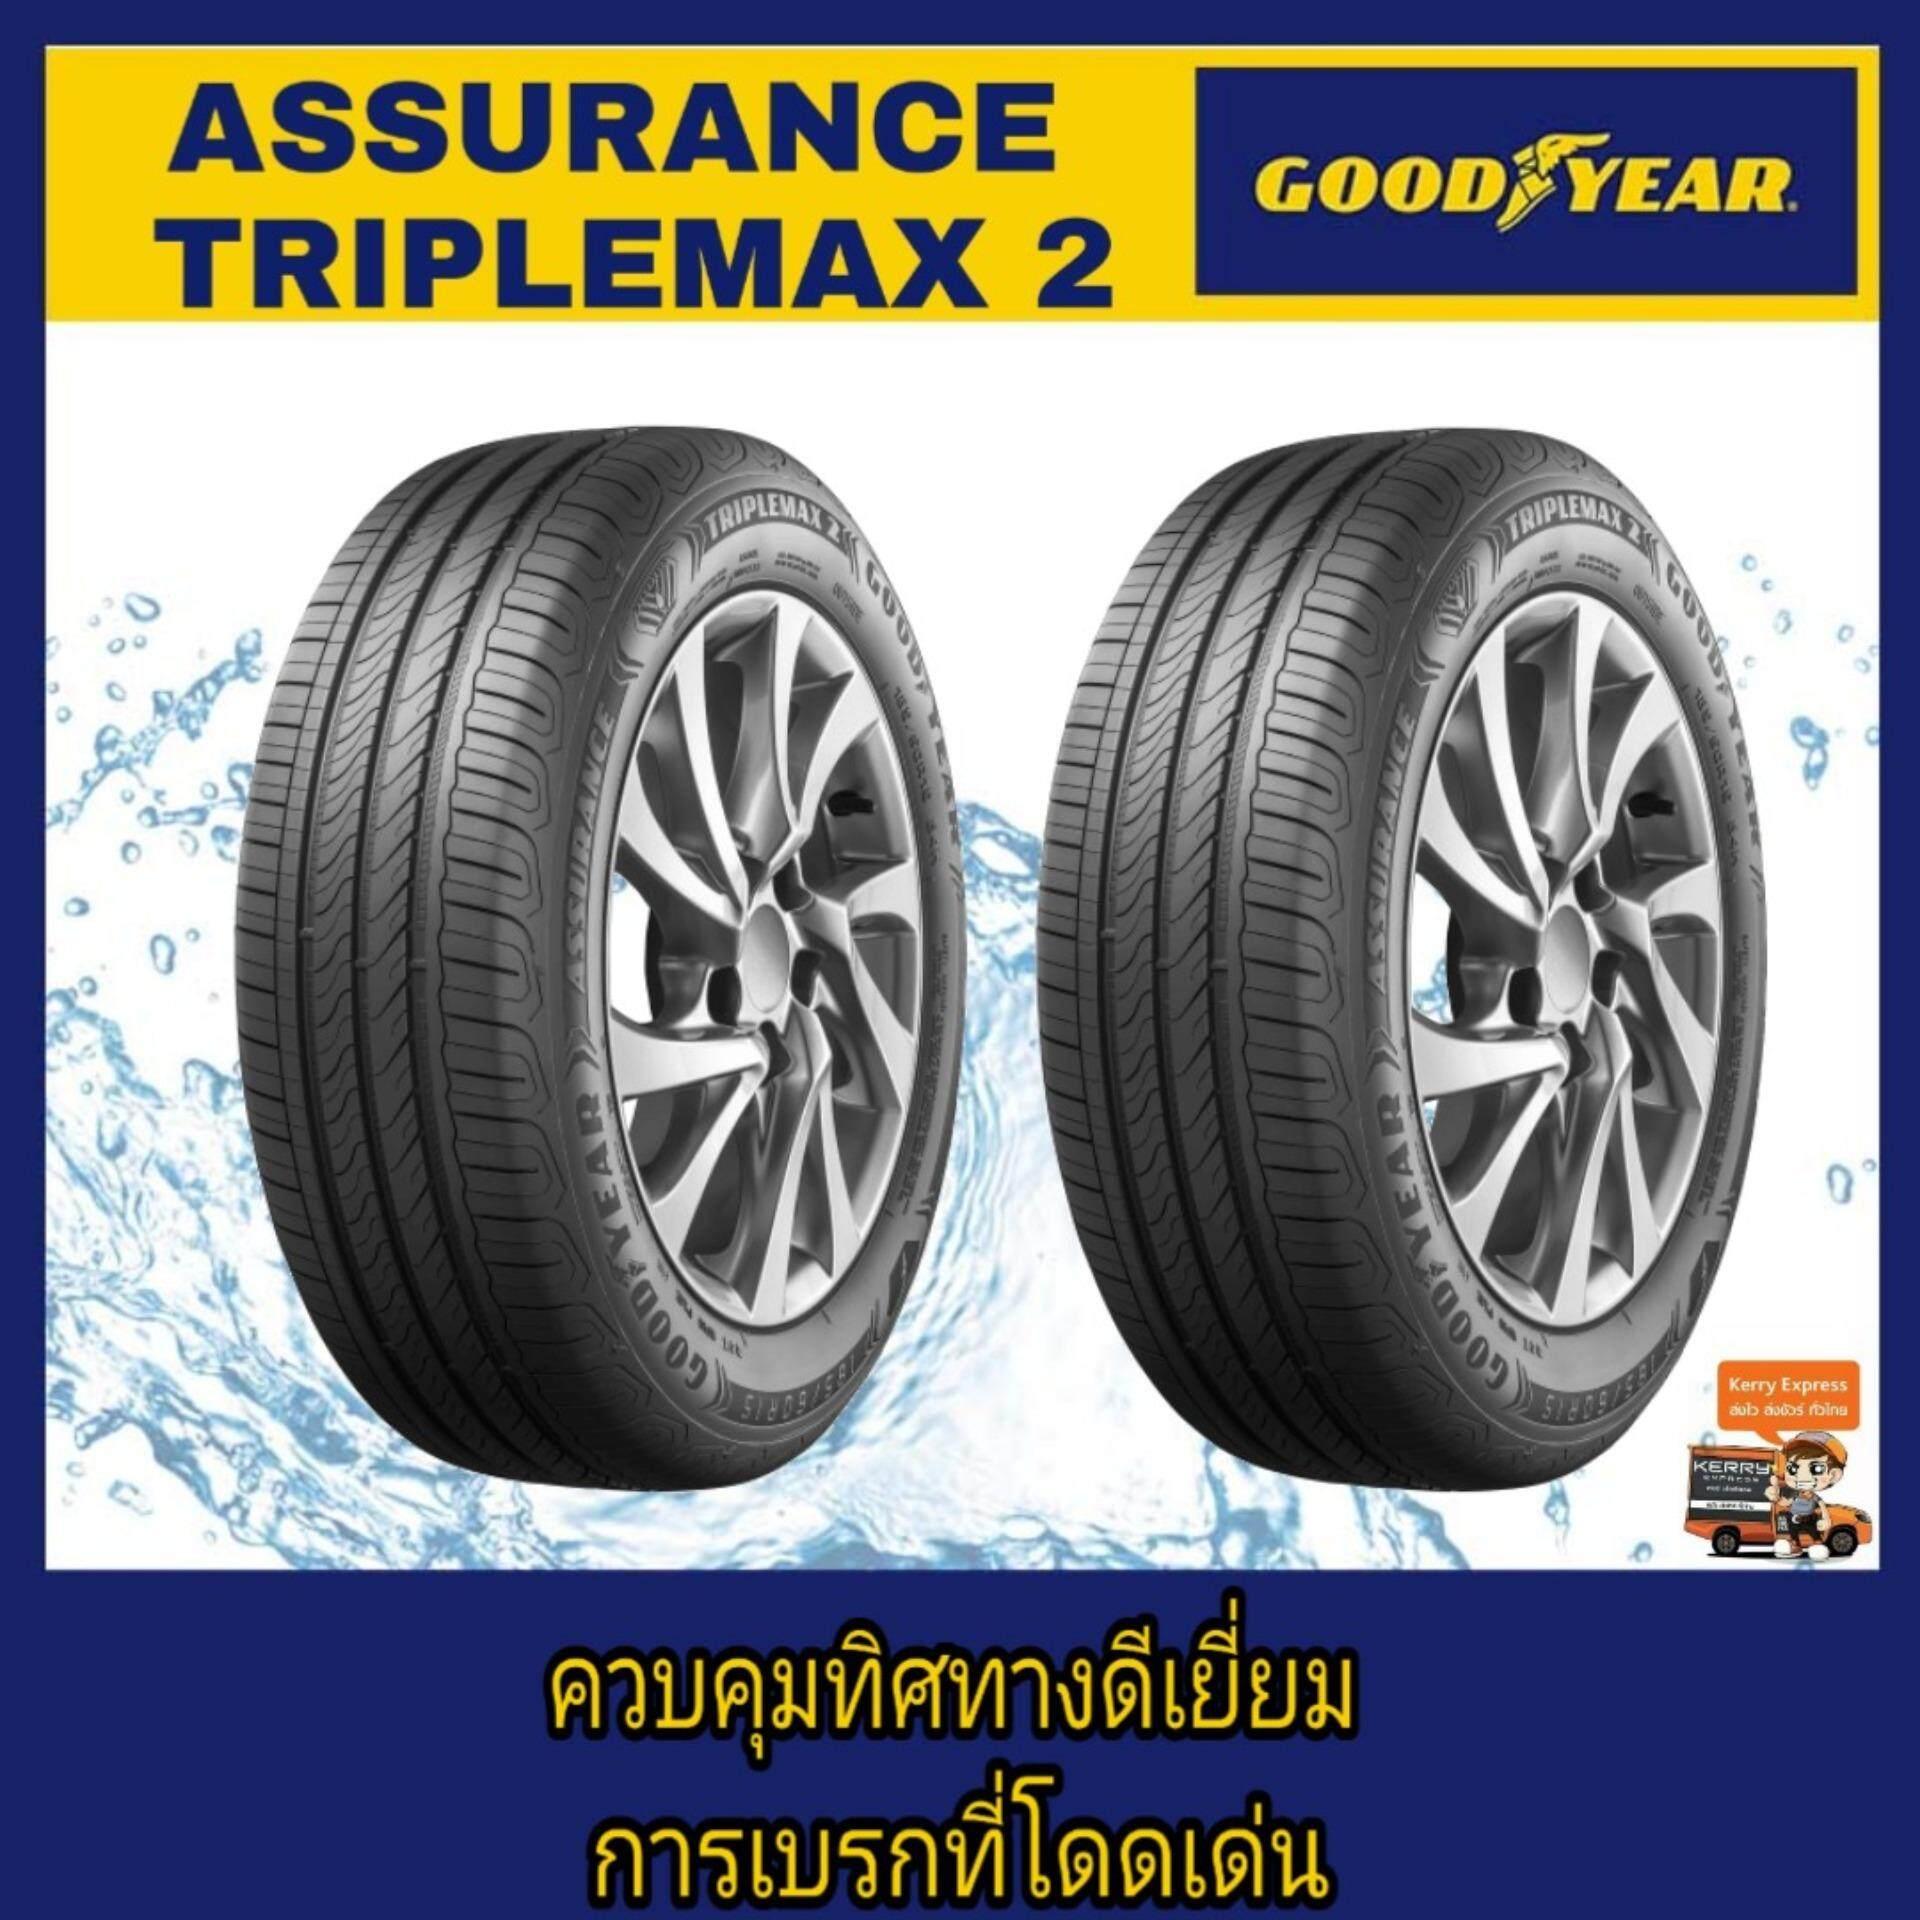 ประกันภัย รถยนต์ ชั้น 3 ราคา ถูก สตูล Goodyear ยางรถยนต์ขอบ16  225/55R16 รุ่น Assurance TripleMax2 (2 เส้น)